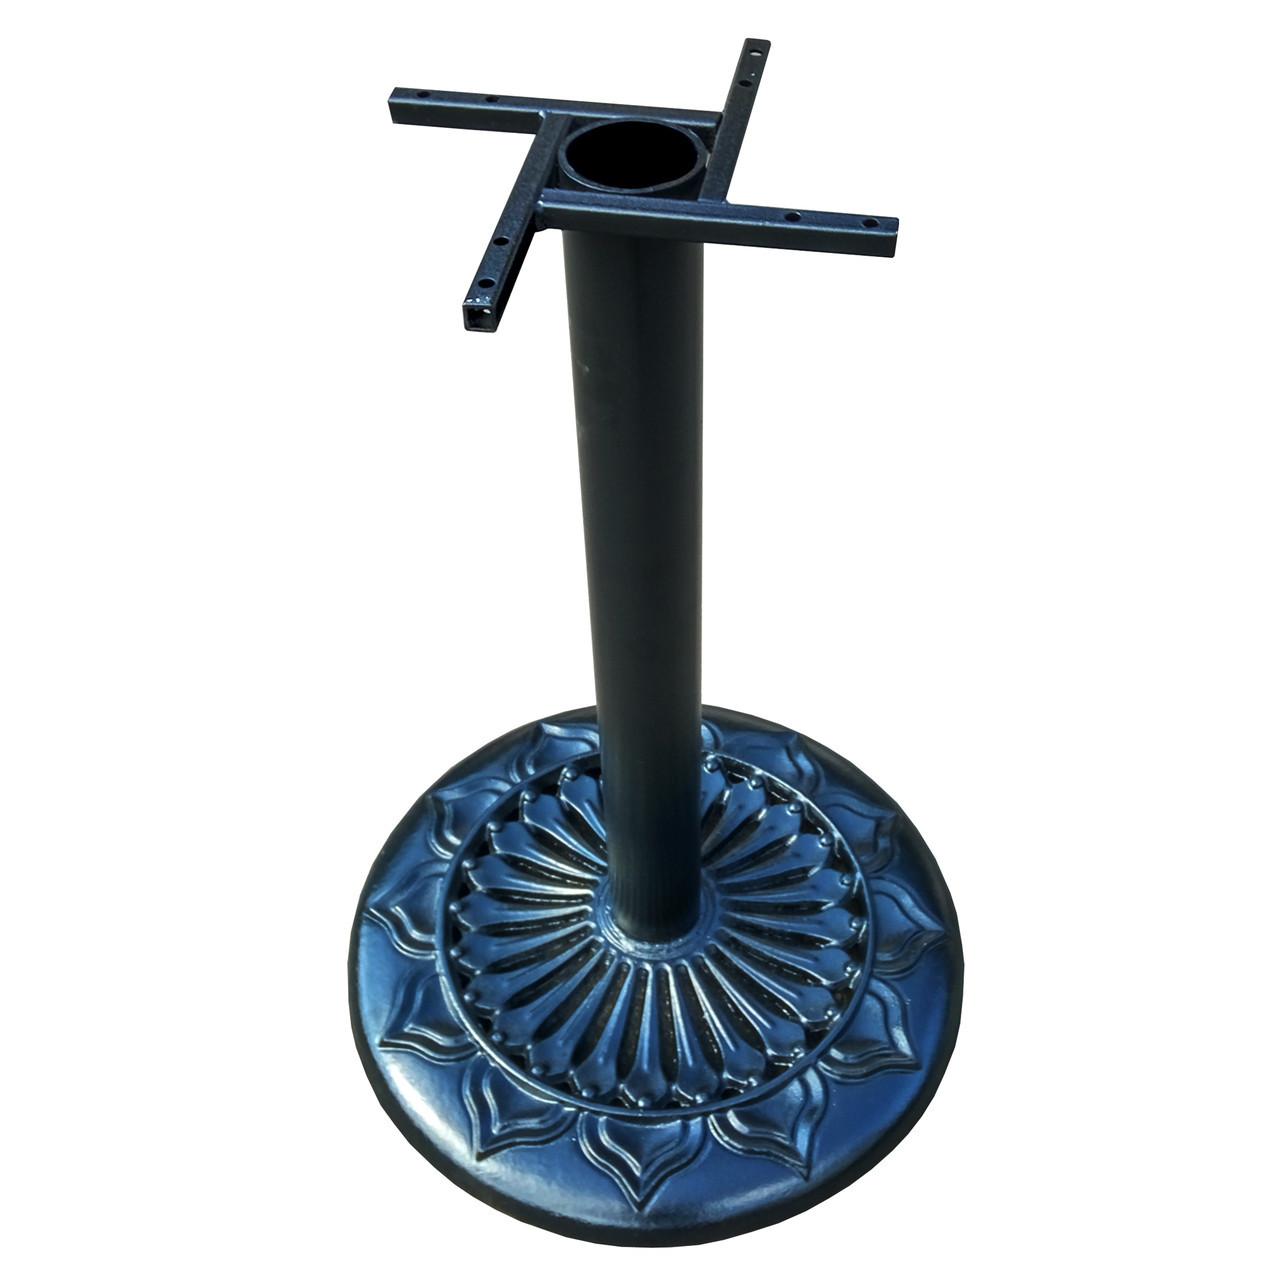 Опора для стола Сполето. Основание для стола. Подстолье из чугуна. Основа для стола. База для стола., фото 1